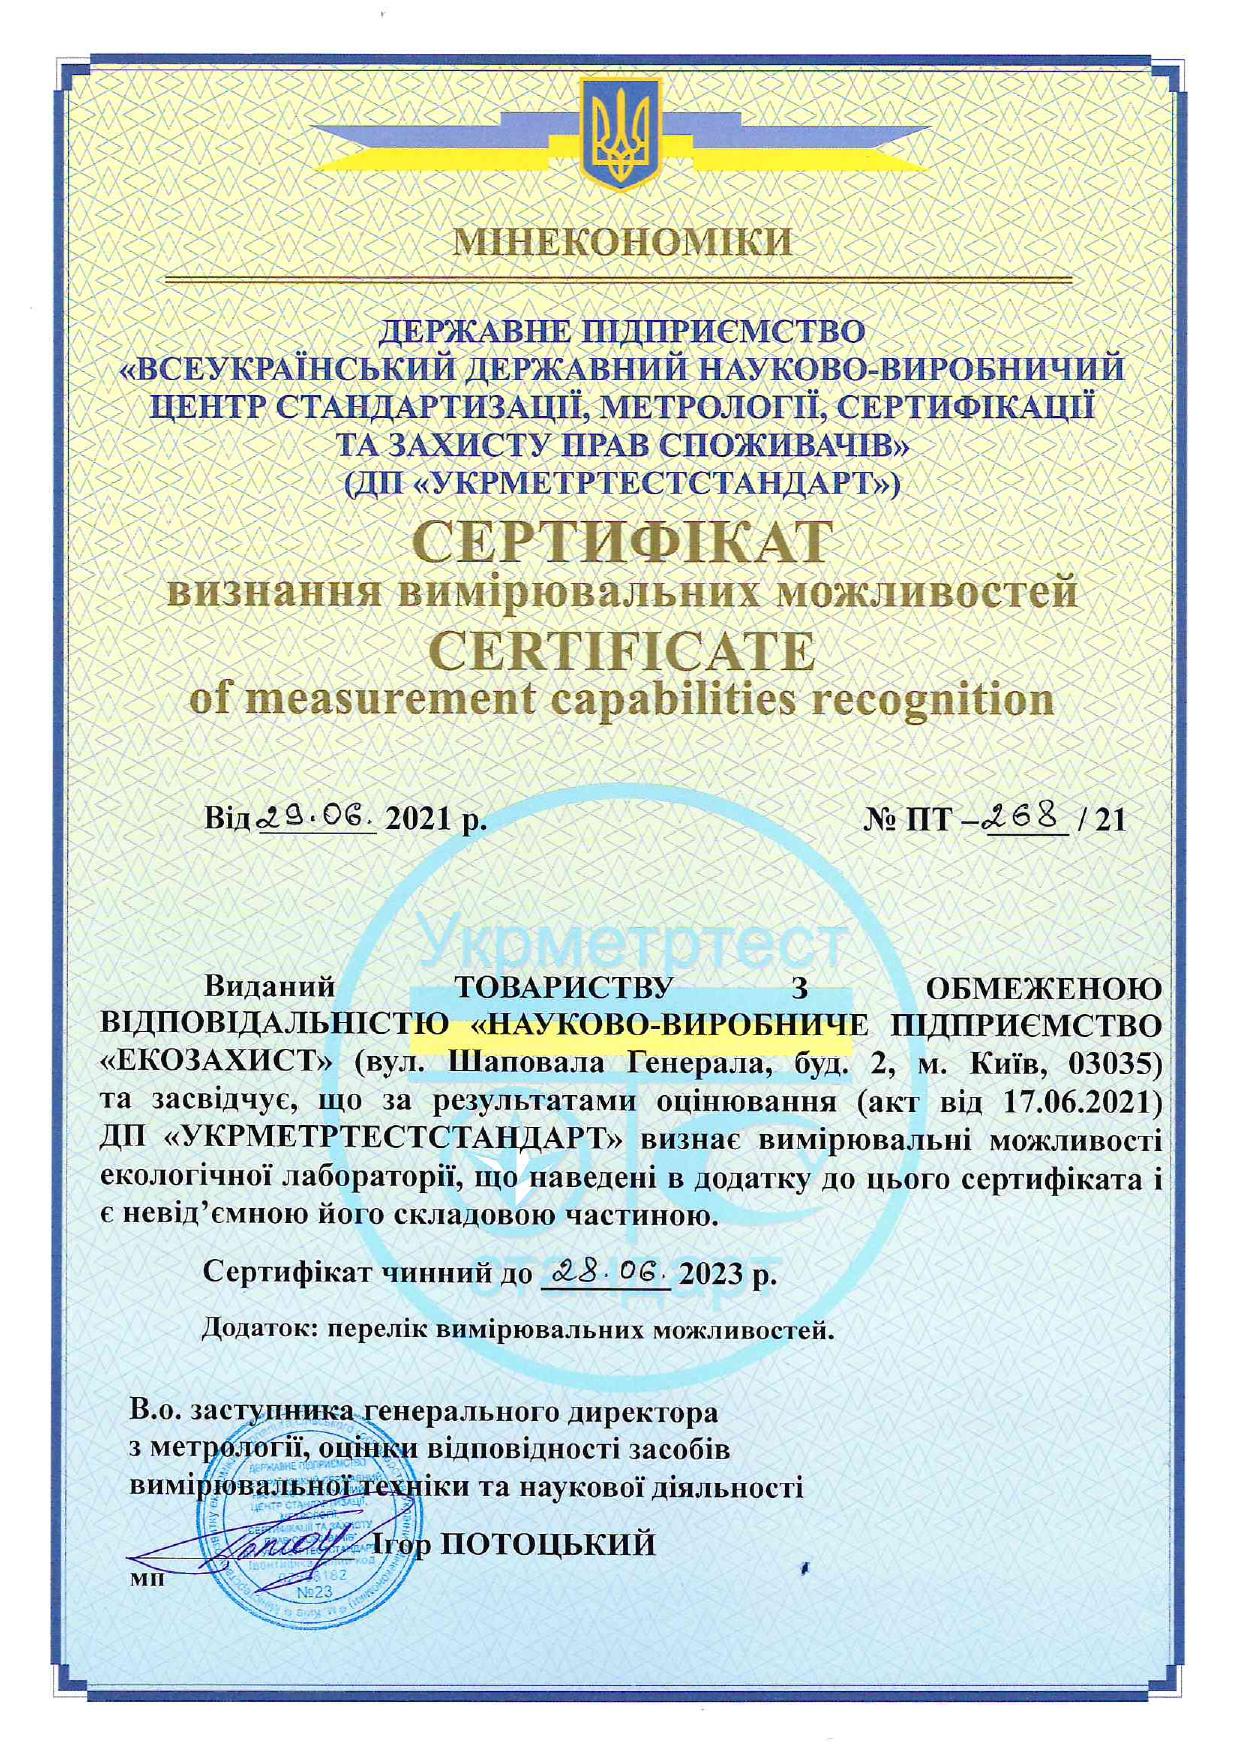 svidotstvo_pro_atestatsiyu_ekologichnoyi_laboratoriyi_nvp_ekozakhist_dp_ukrmetrteststandart